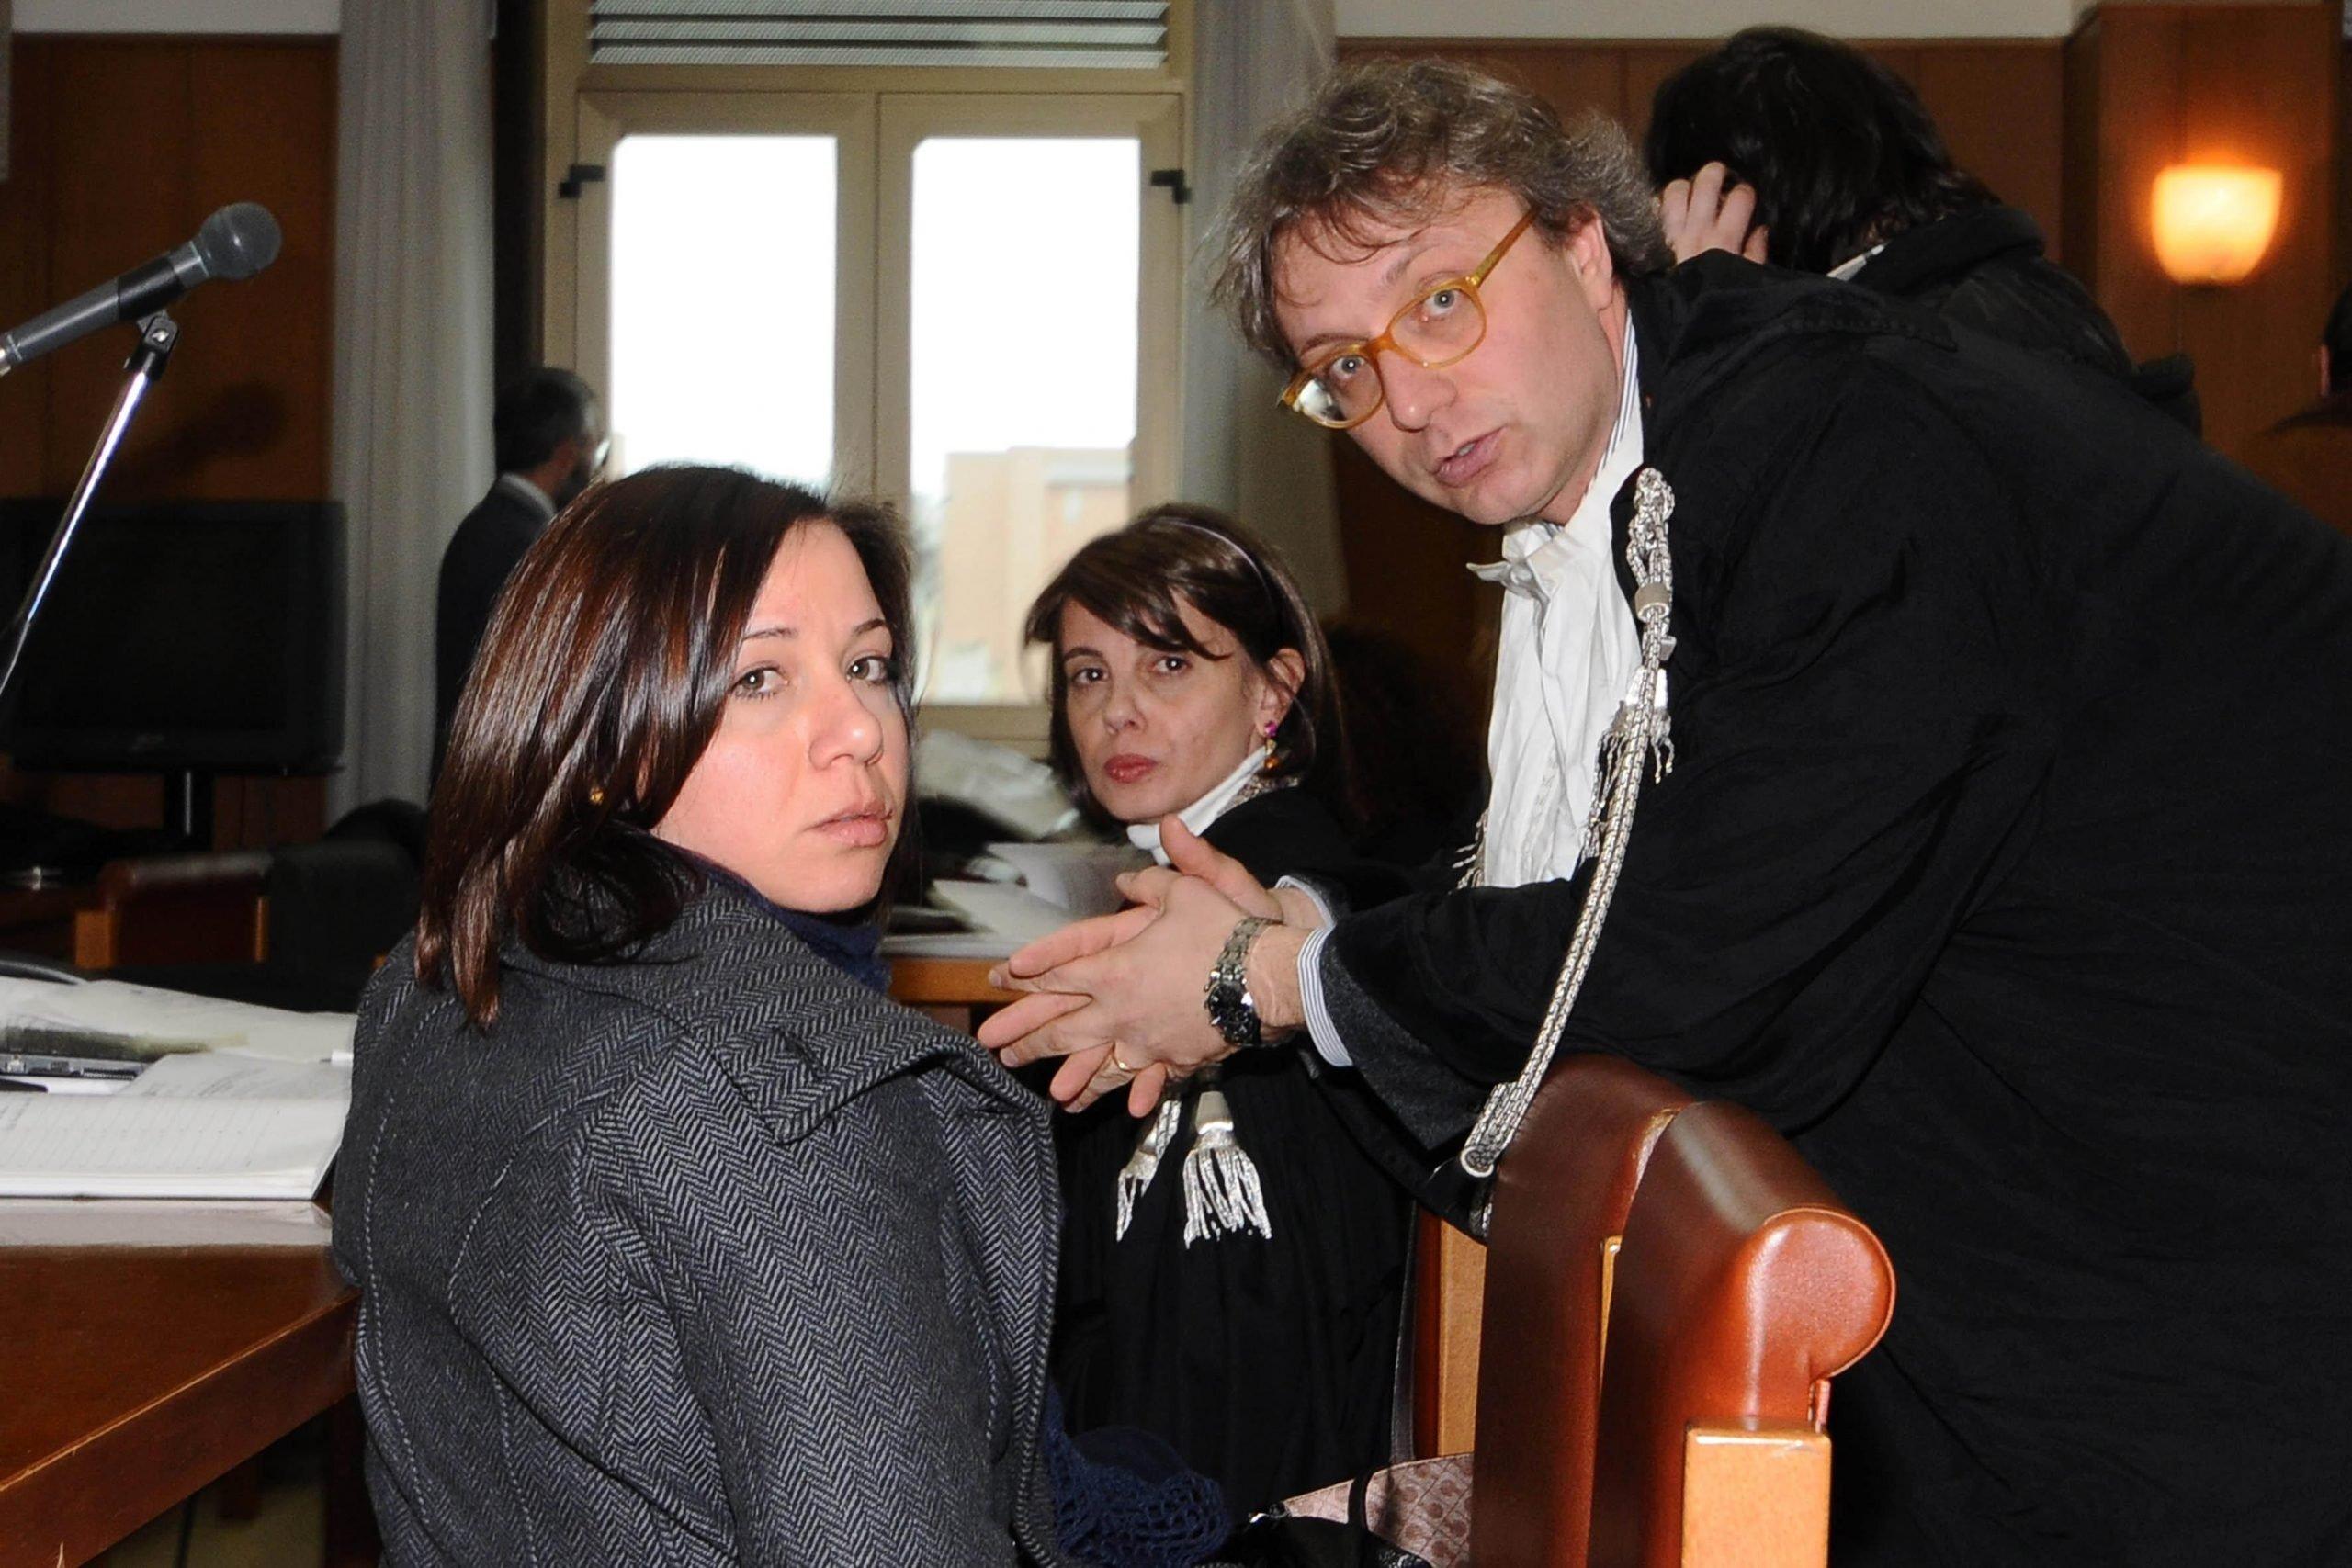 Denise Pipitone i verbali le accuse alla ex Pm Angioni